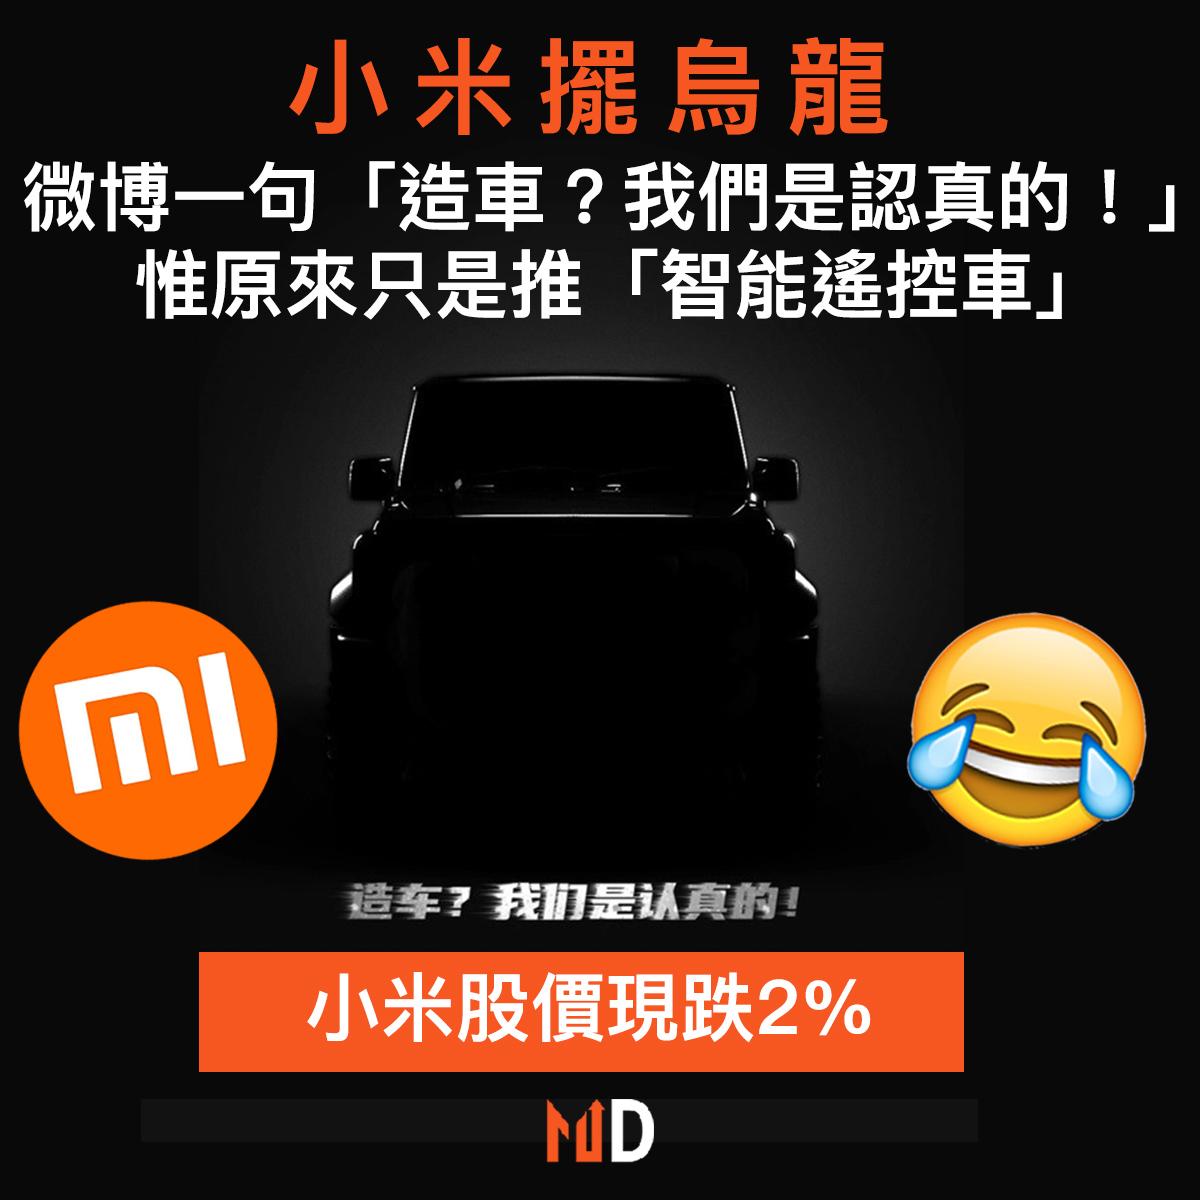 【市場熱話】小米擺烏龍,微博一句「造車?我們是認真的!」,惟原來只是推「智能遙控車」